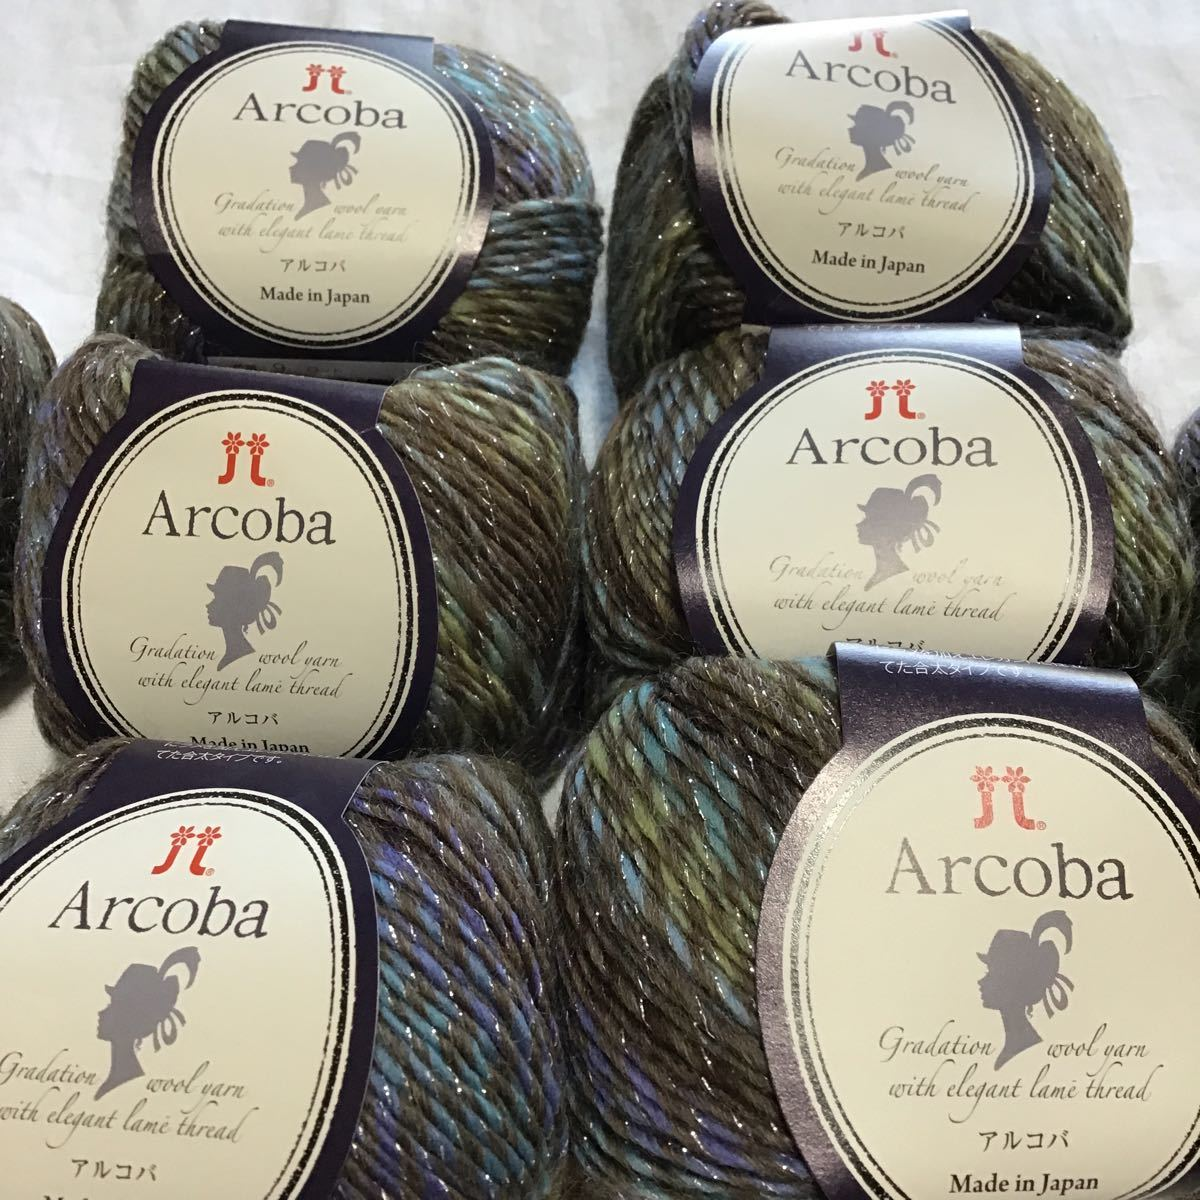 ハマナカ 毛糸 アルコバ 日本製 色番9 ロットA 10玉 ラメ グラデーション 手編み糸 編み物 編物 手編み デッドストック 手芸